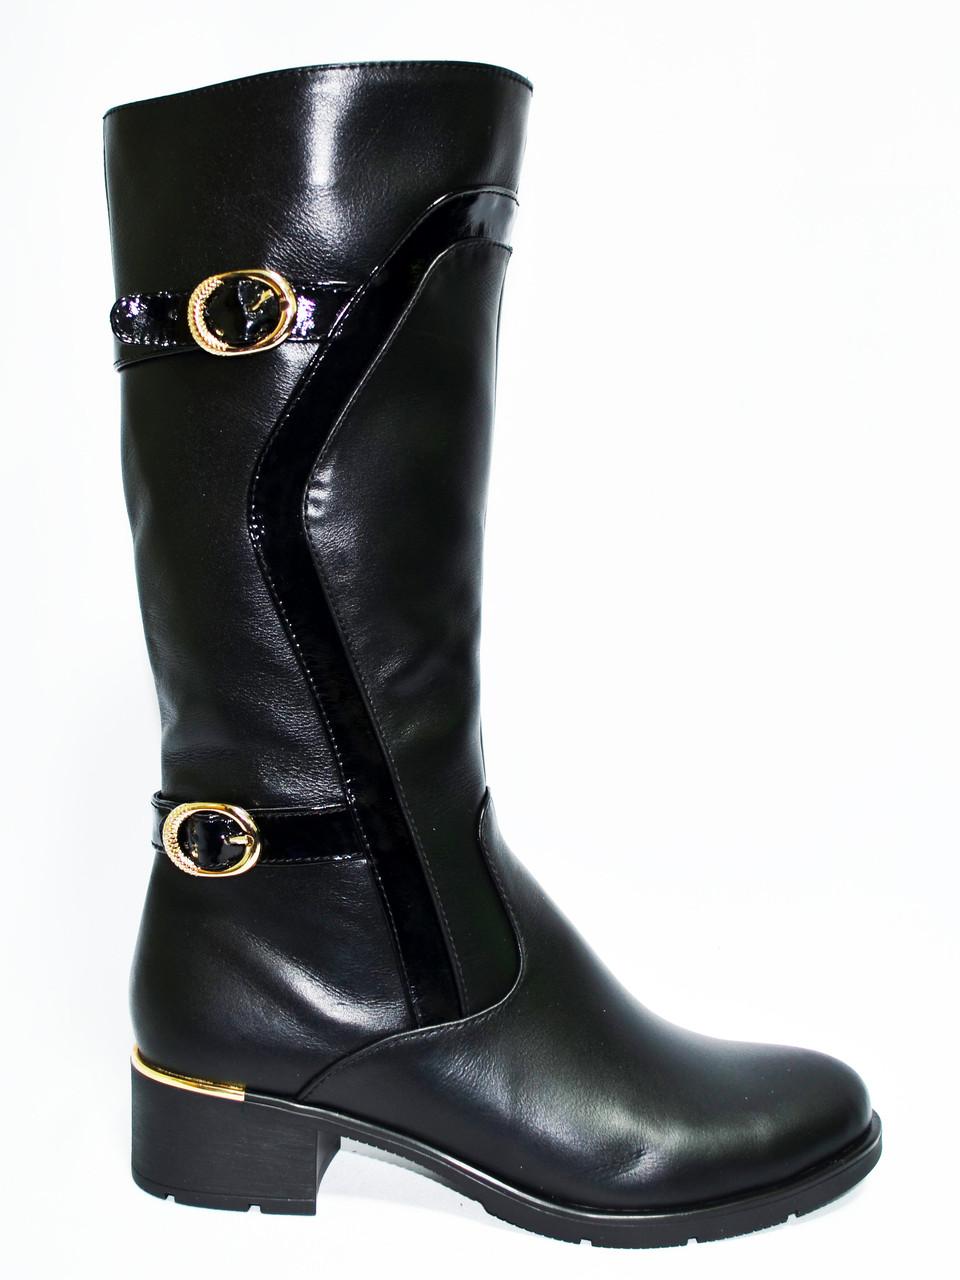 Женские зимние кожаные сапоги на невысоком устойчивом каблуке, декорированы лаковыми ремешками.